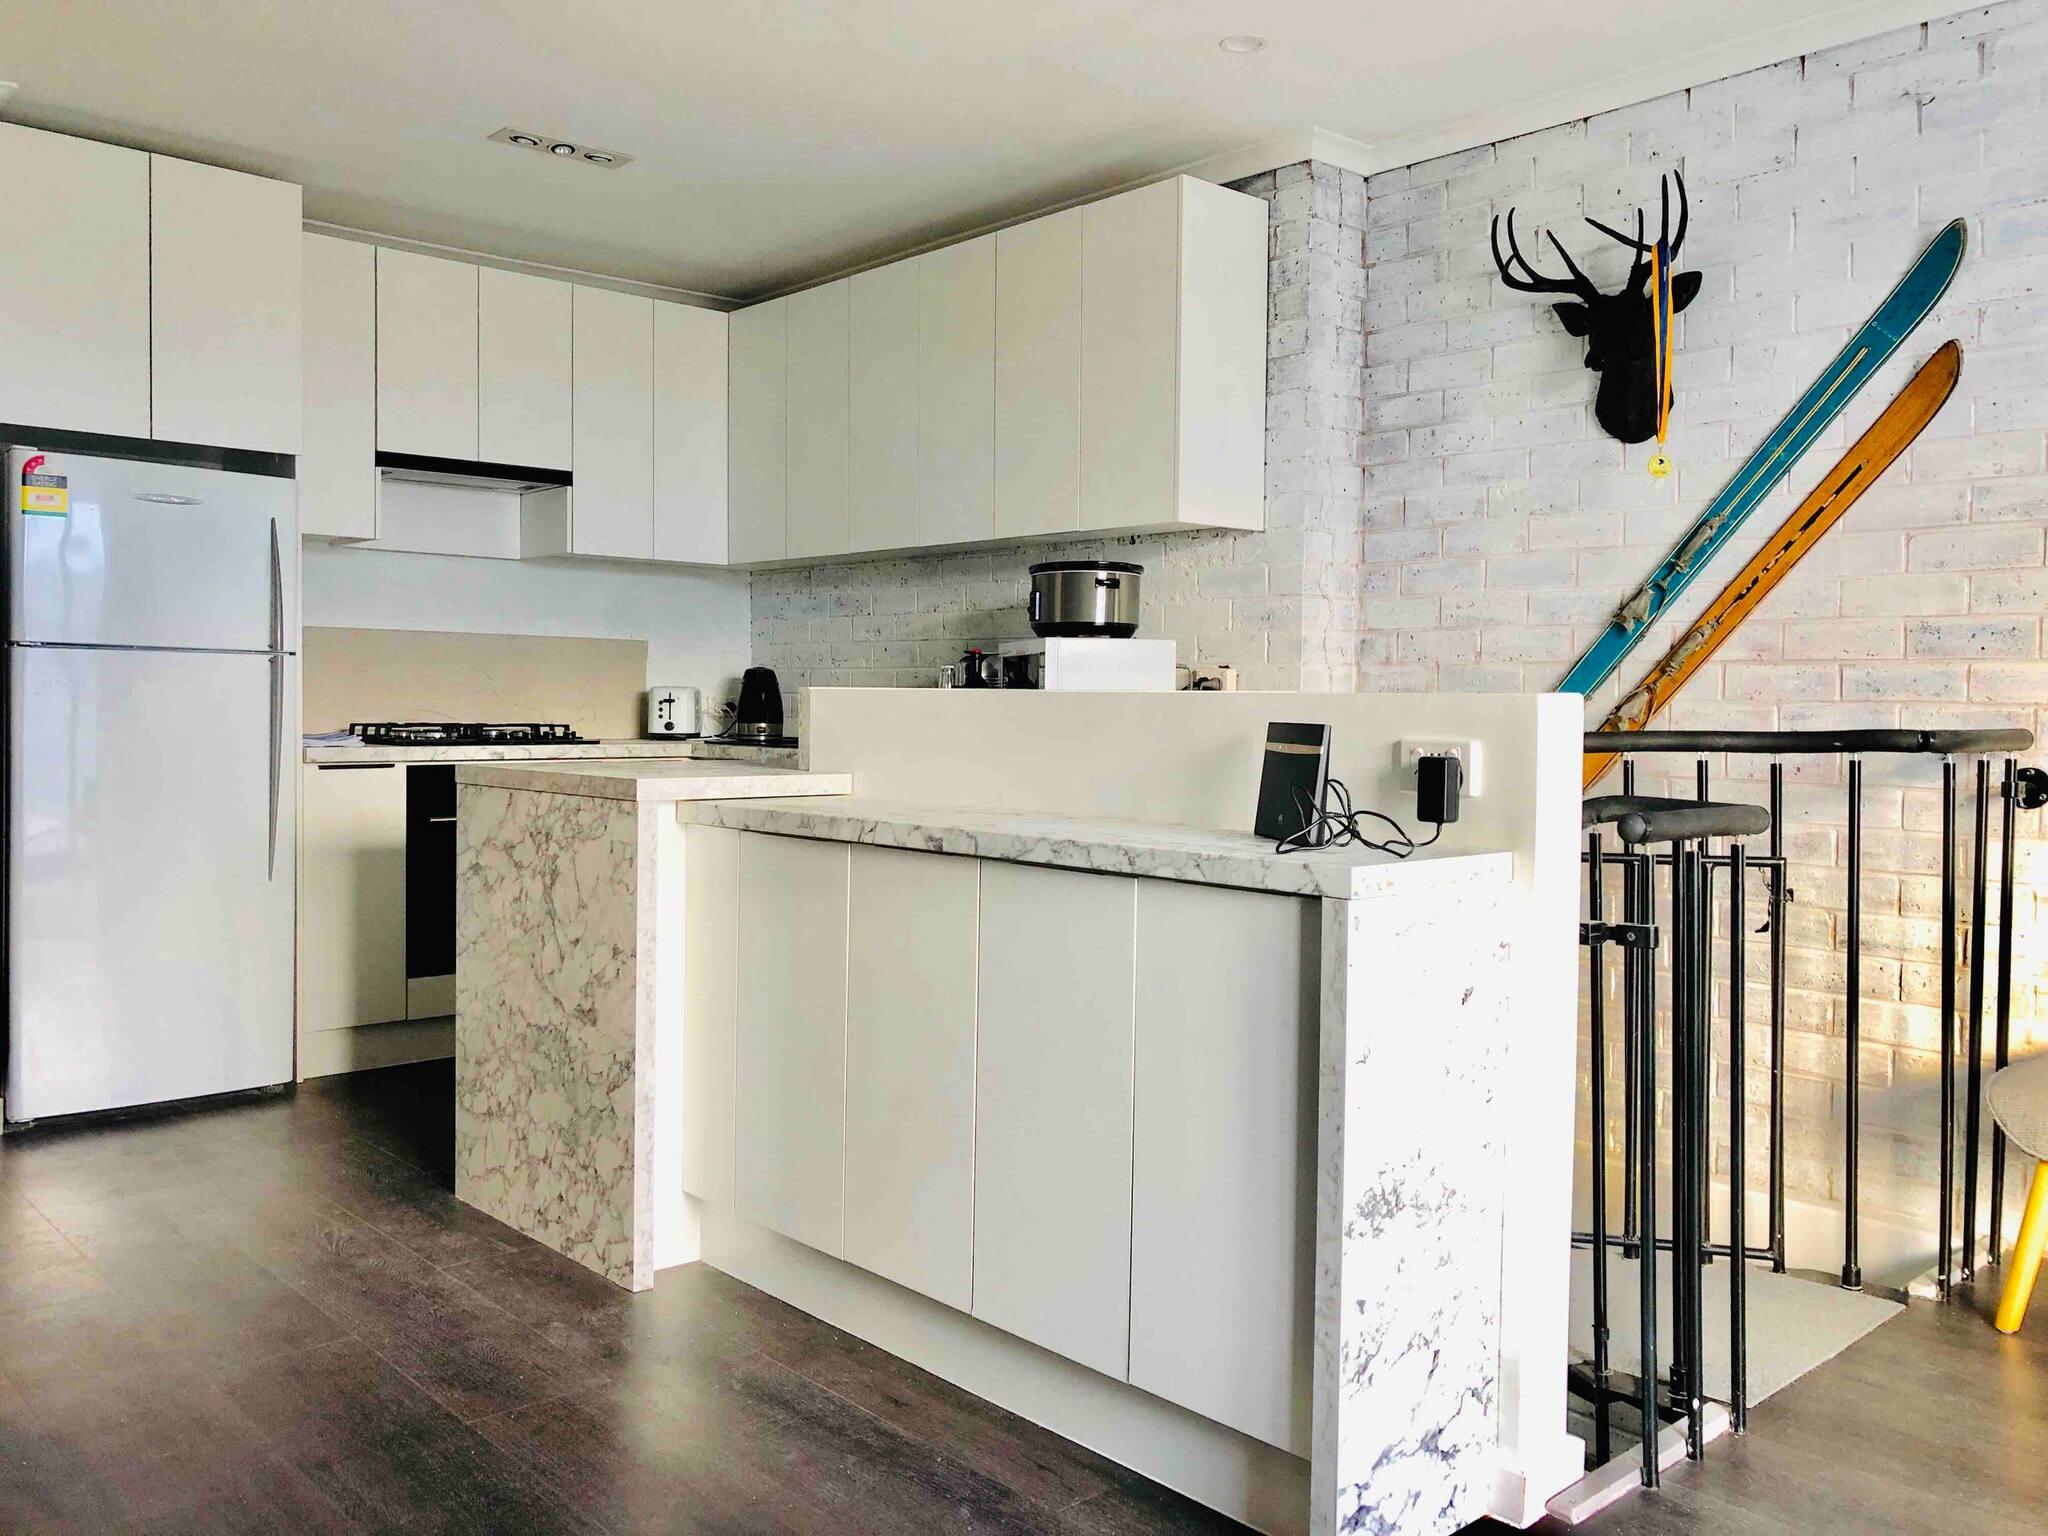 Hotham 3 Schlafzimmer Apt Ferienwohnung in Australien Ozeanien